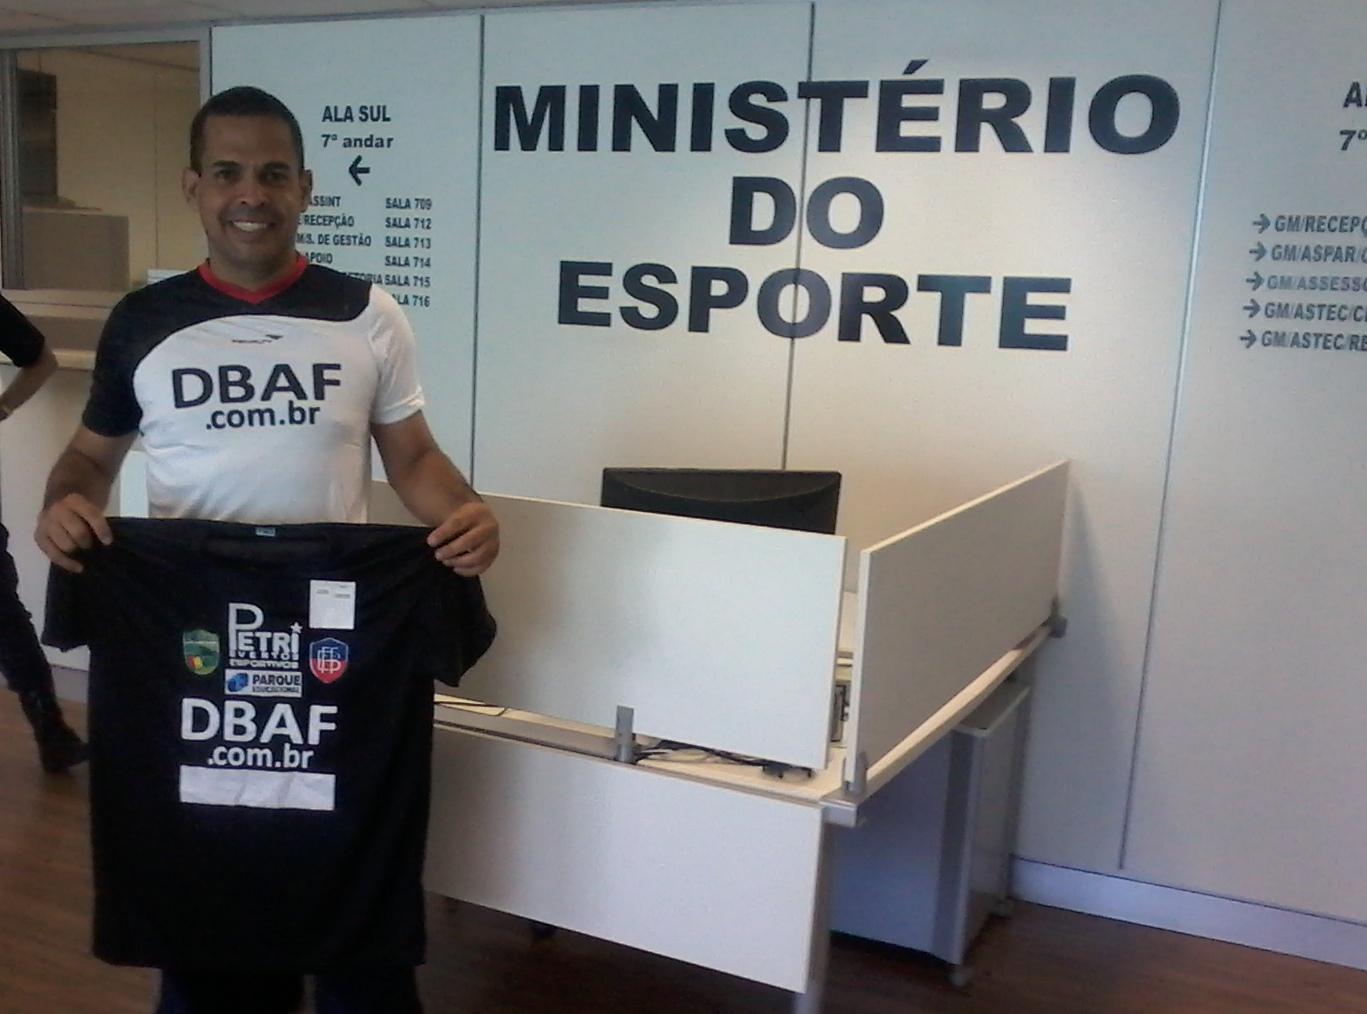 DBAF VISITA MINISTÉRIO DO ESPORTE